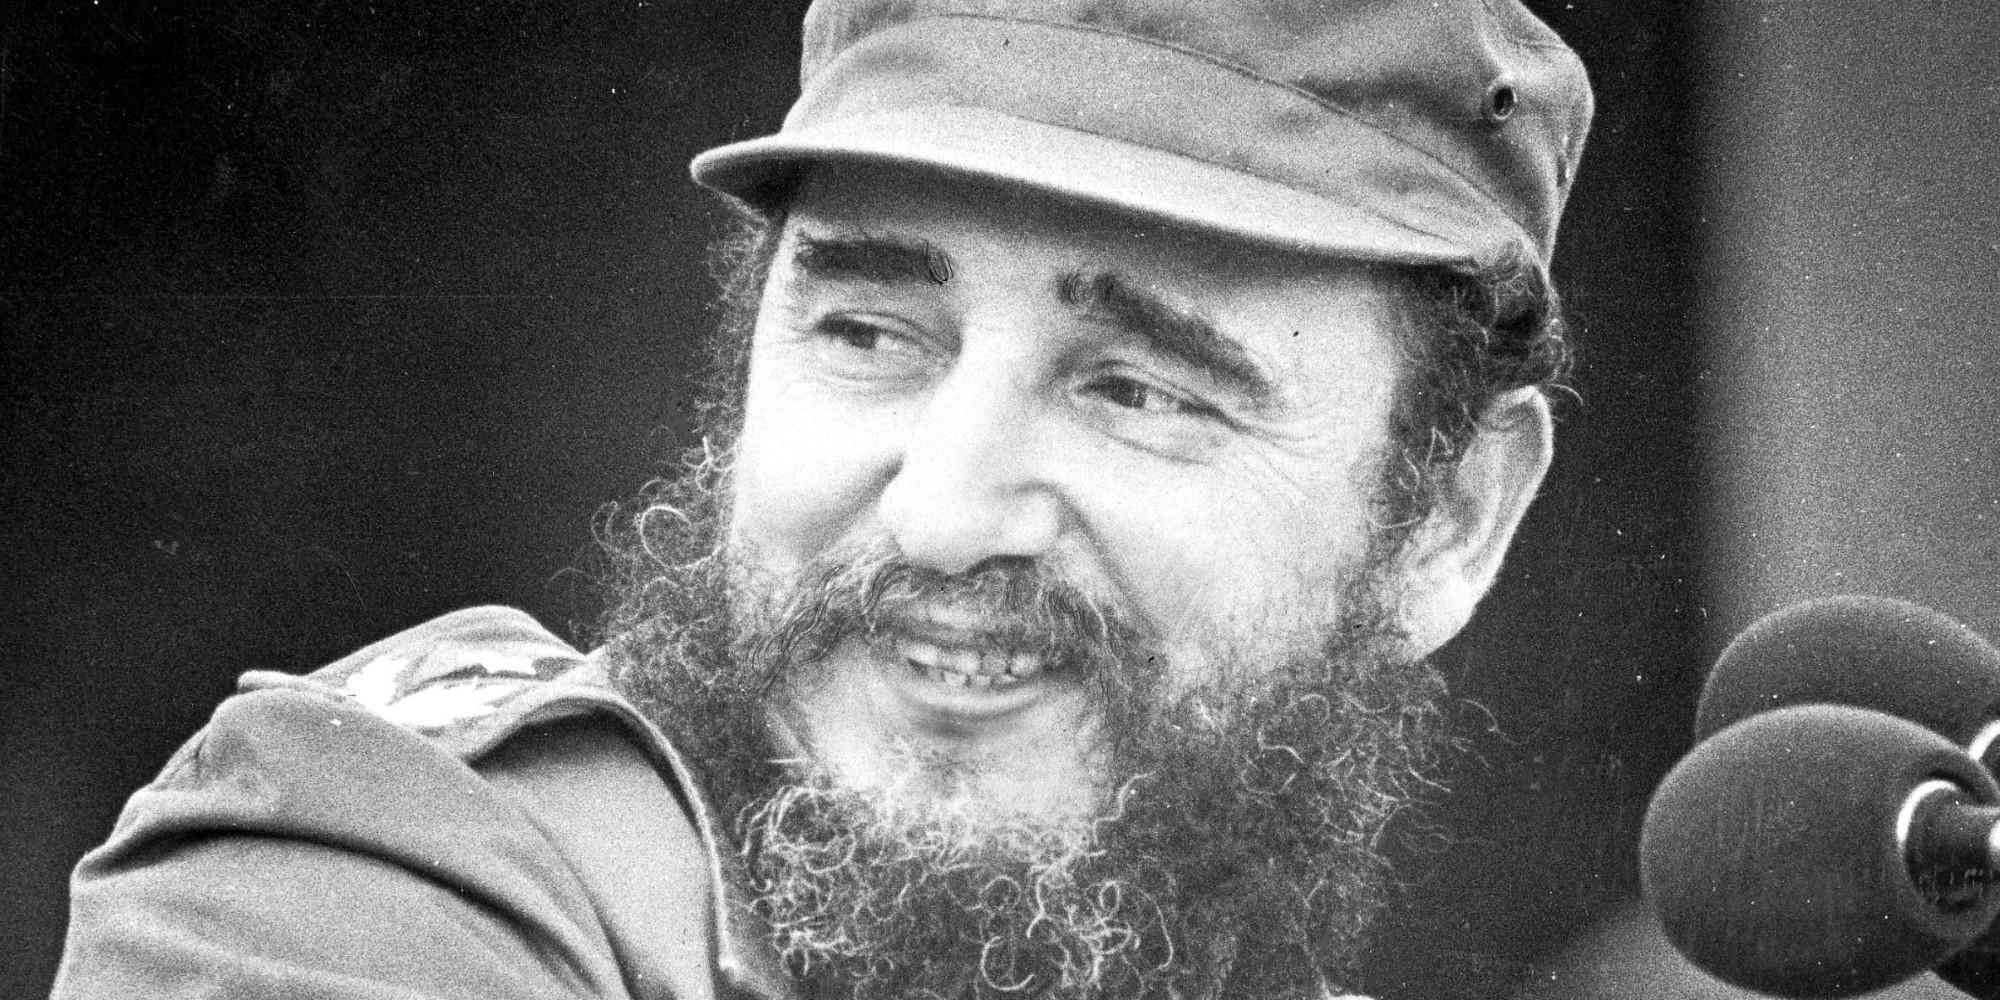 Especial Fidel: uma trajetória marcada por segredos